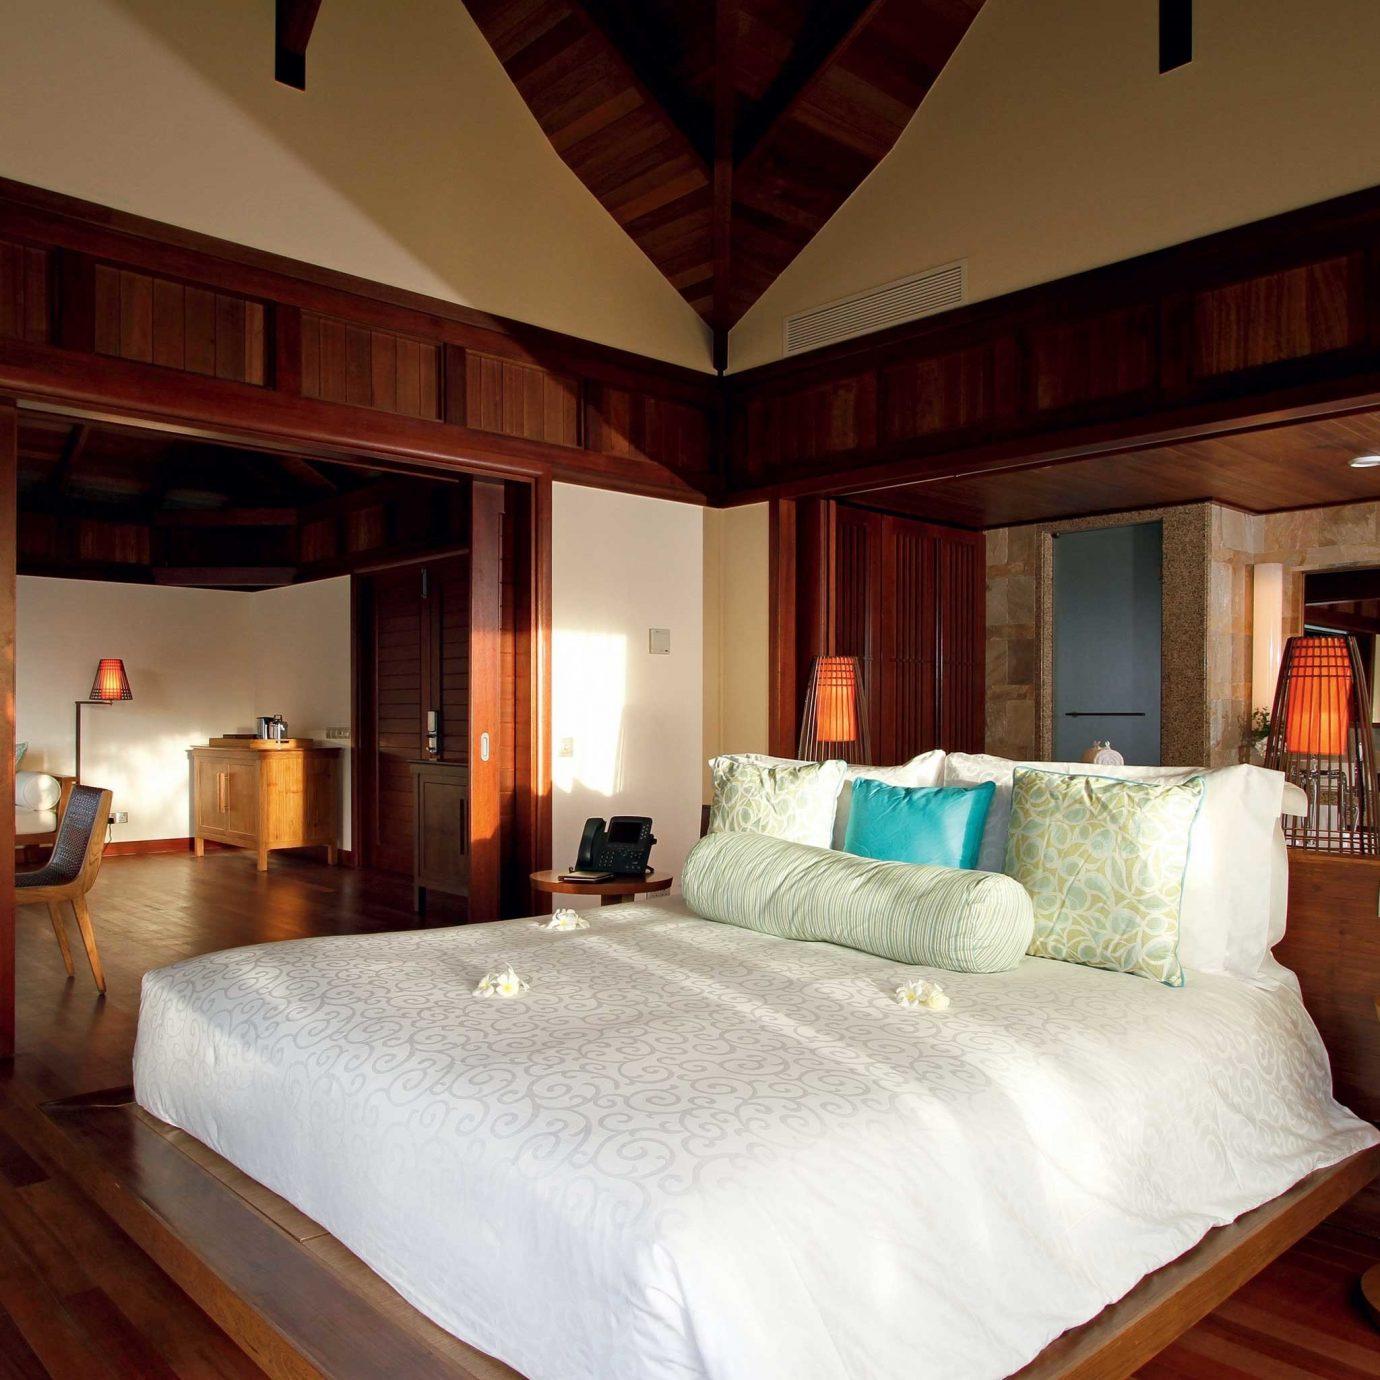 Bedroom Elegant Hip Luxury Suite property Resort cottage mansion Villa pillow lamp